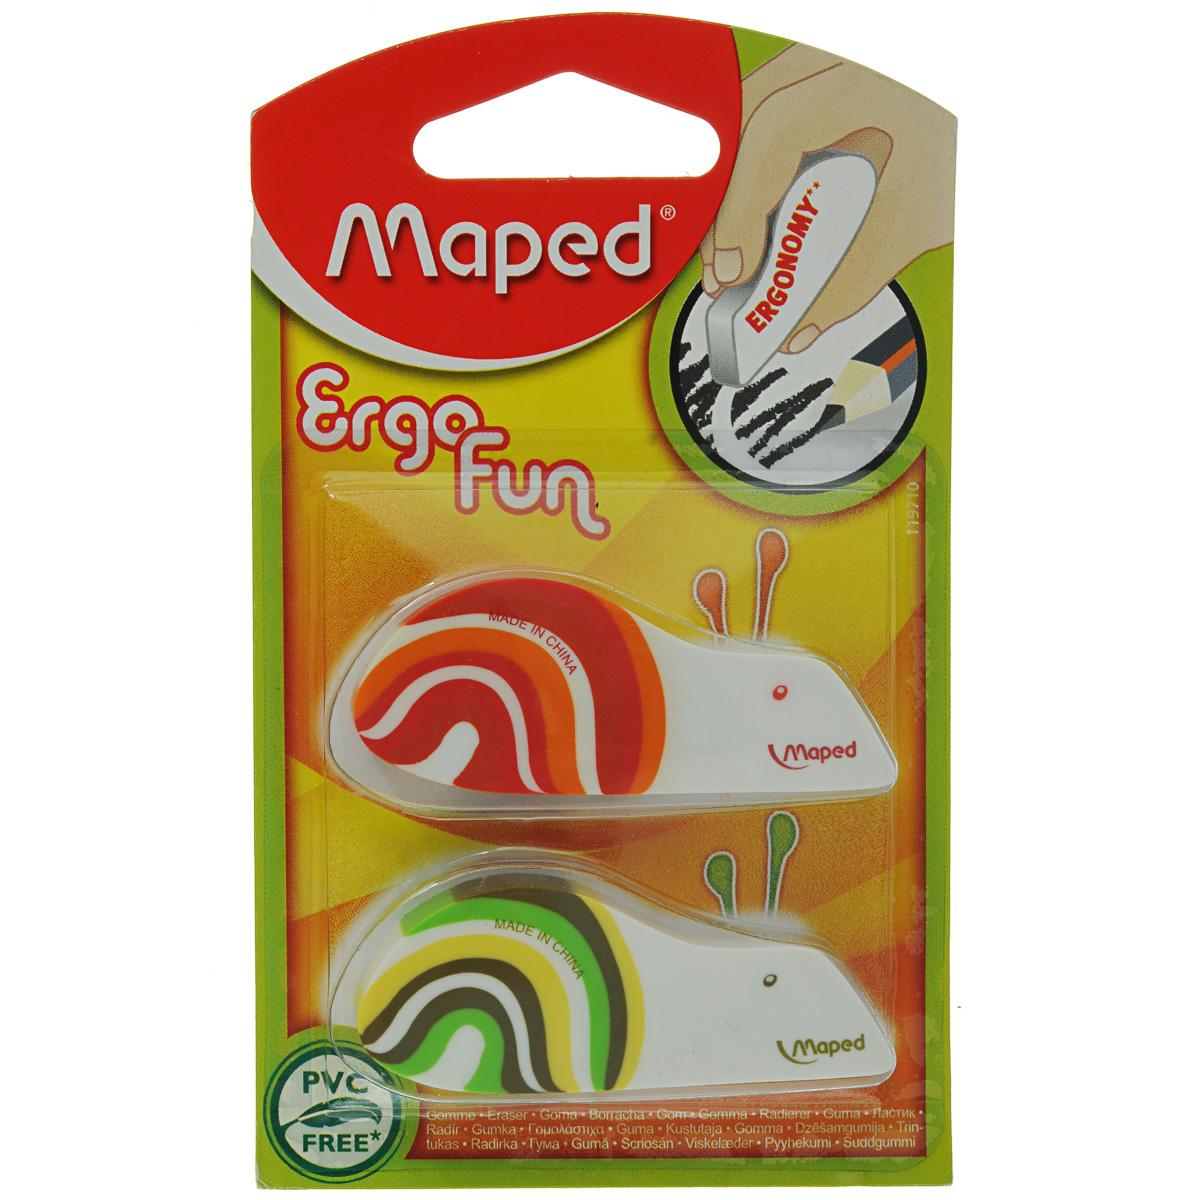 Набор ластиков Maped Ergo Fun, 2 шт набор ластиков milan 2 шт 2 320 30bl2320 10042